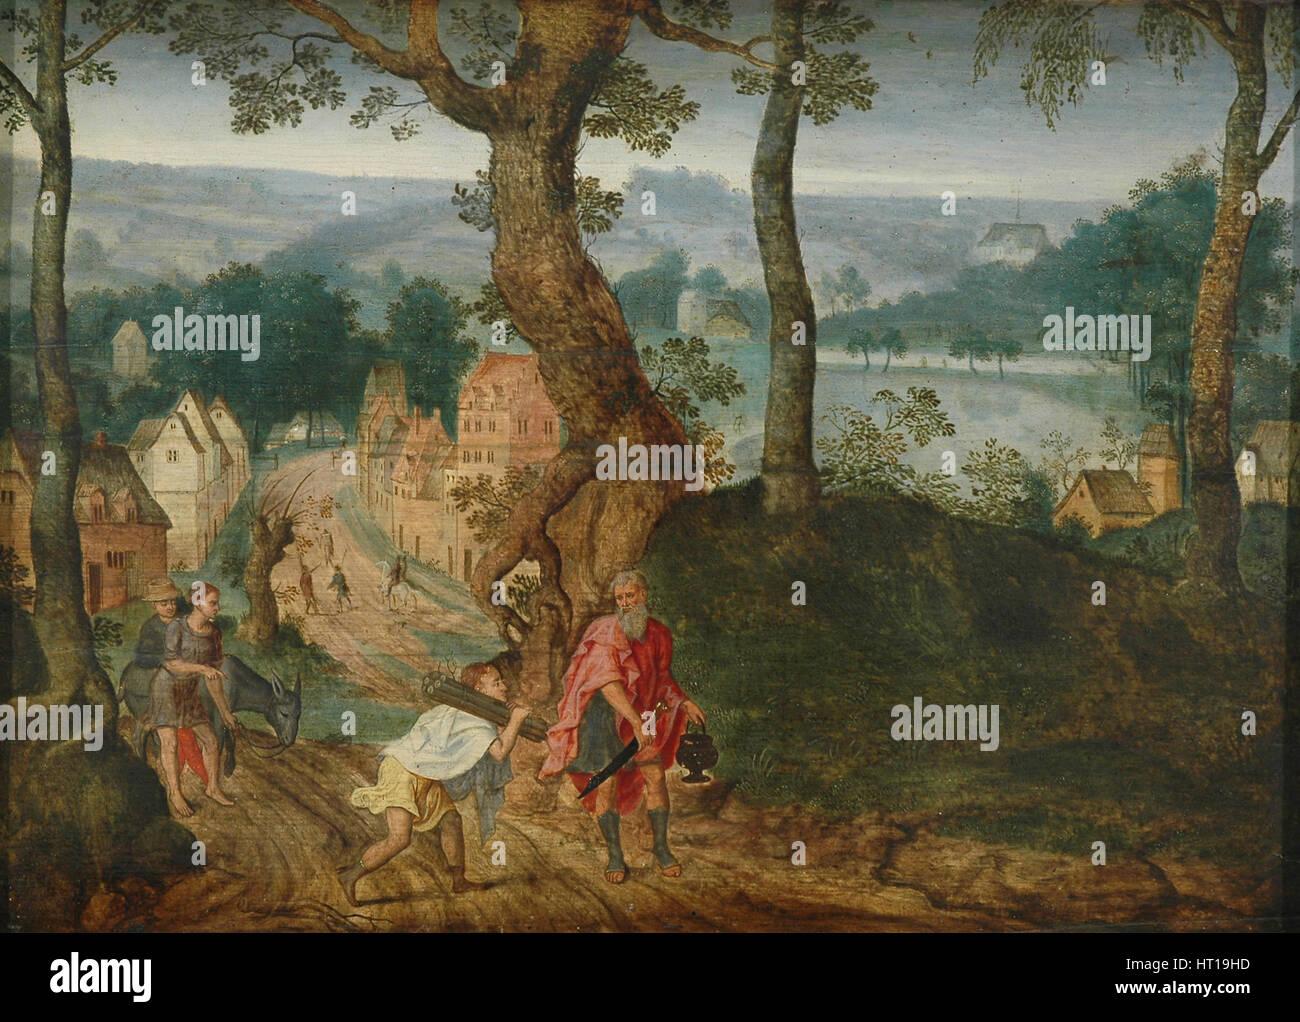 Landschaft mit Abraham und Isaak, Mitte des 17. Jahrhunderts. Künstler: Grimmer, Jacob (ca. 1525-1590) Stockbild